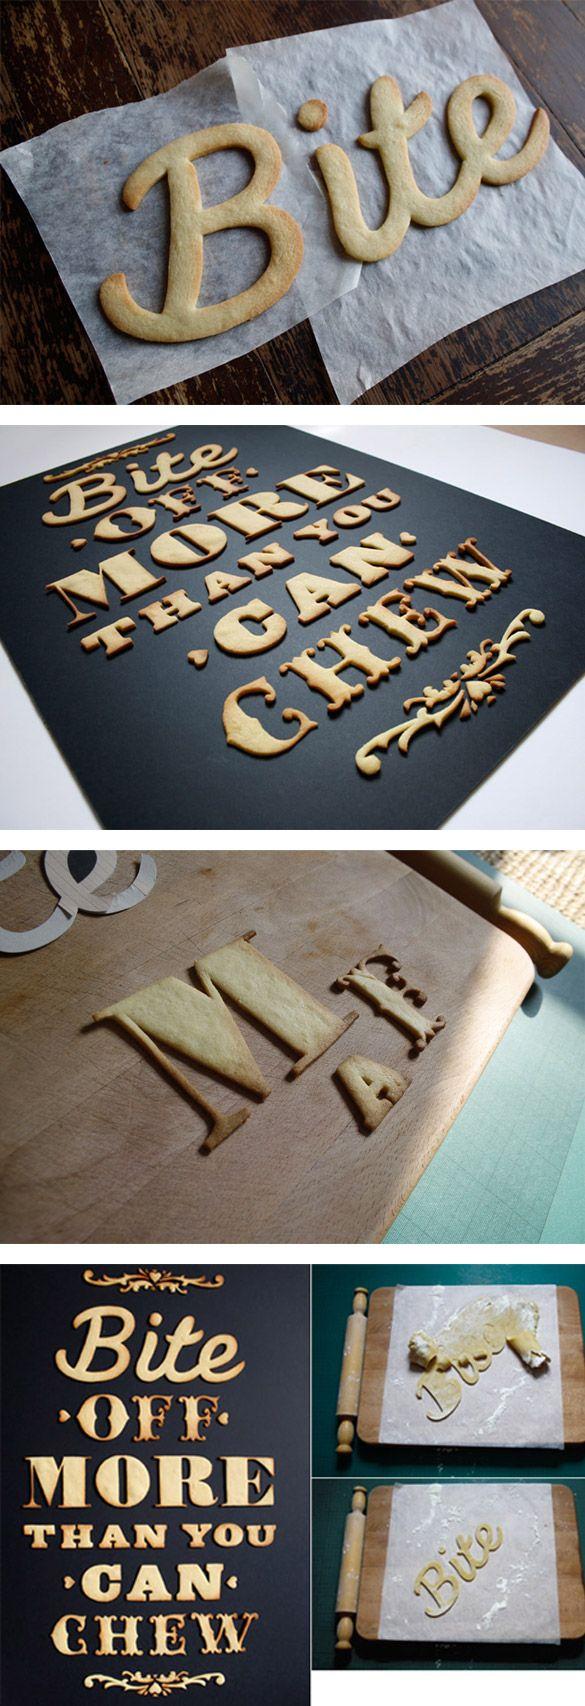 Typographie et cuisine, ou comment avoir les yeux plus gros que le ventre ? par Anna Garforth